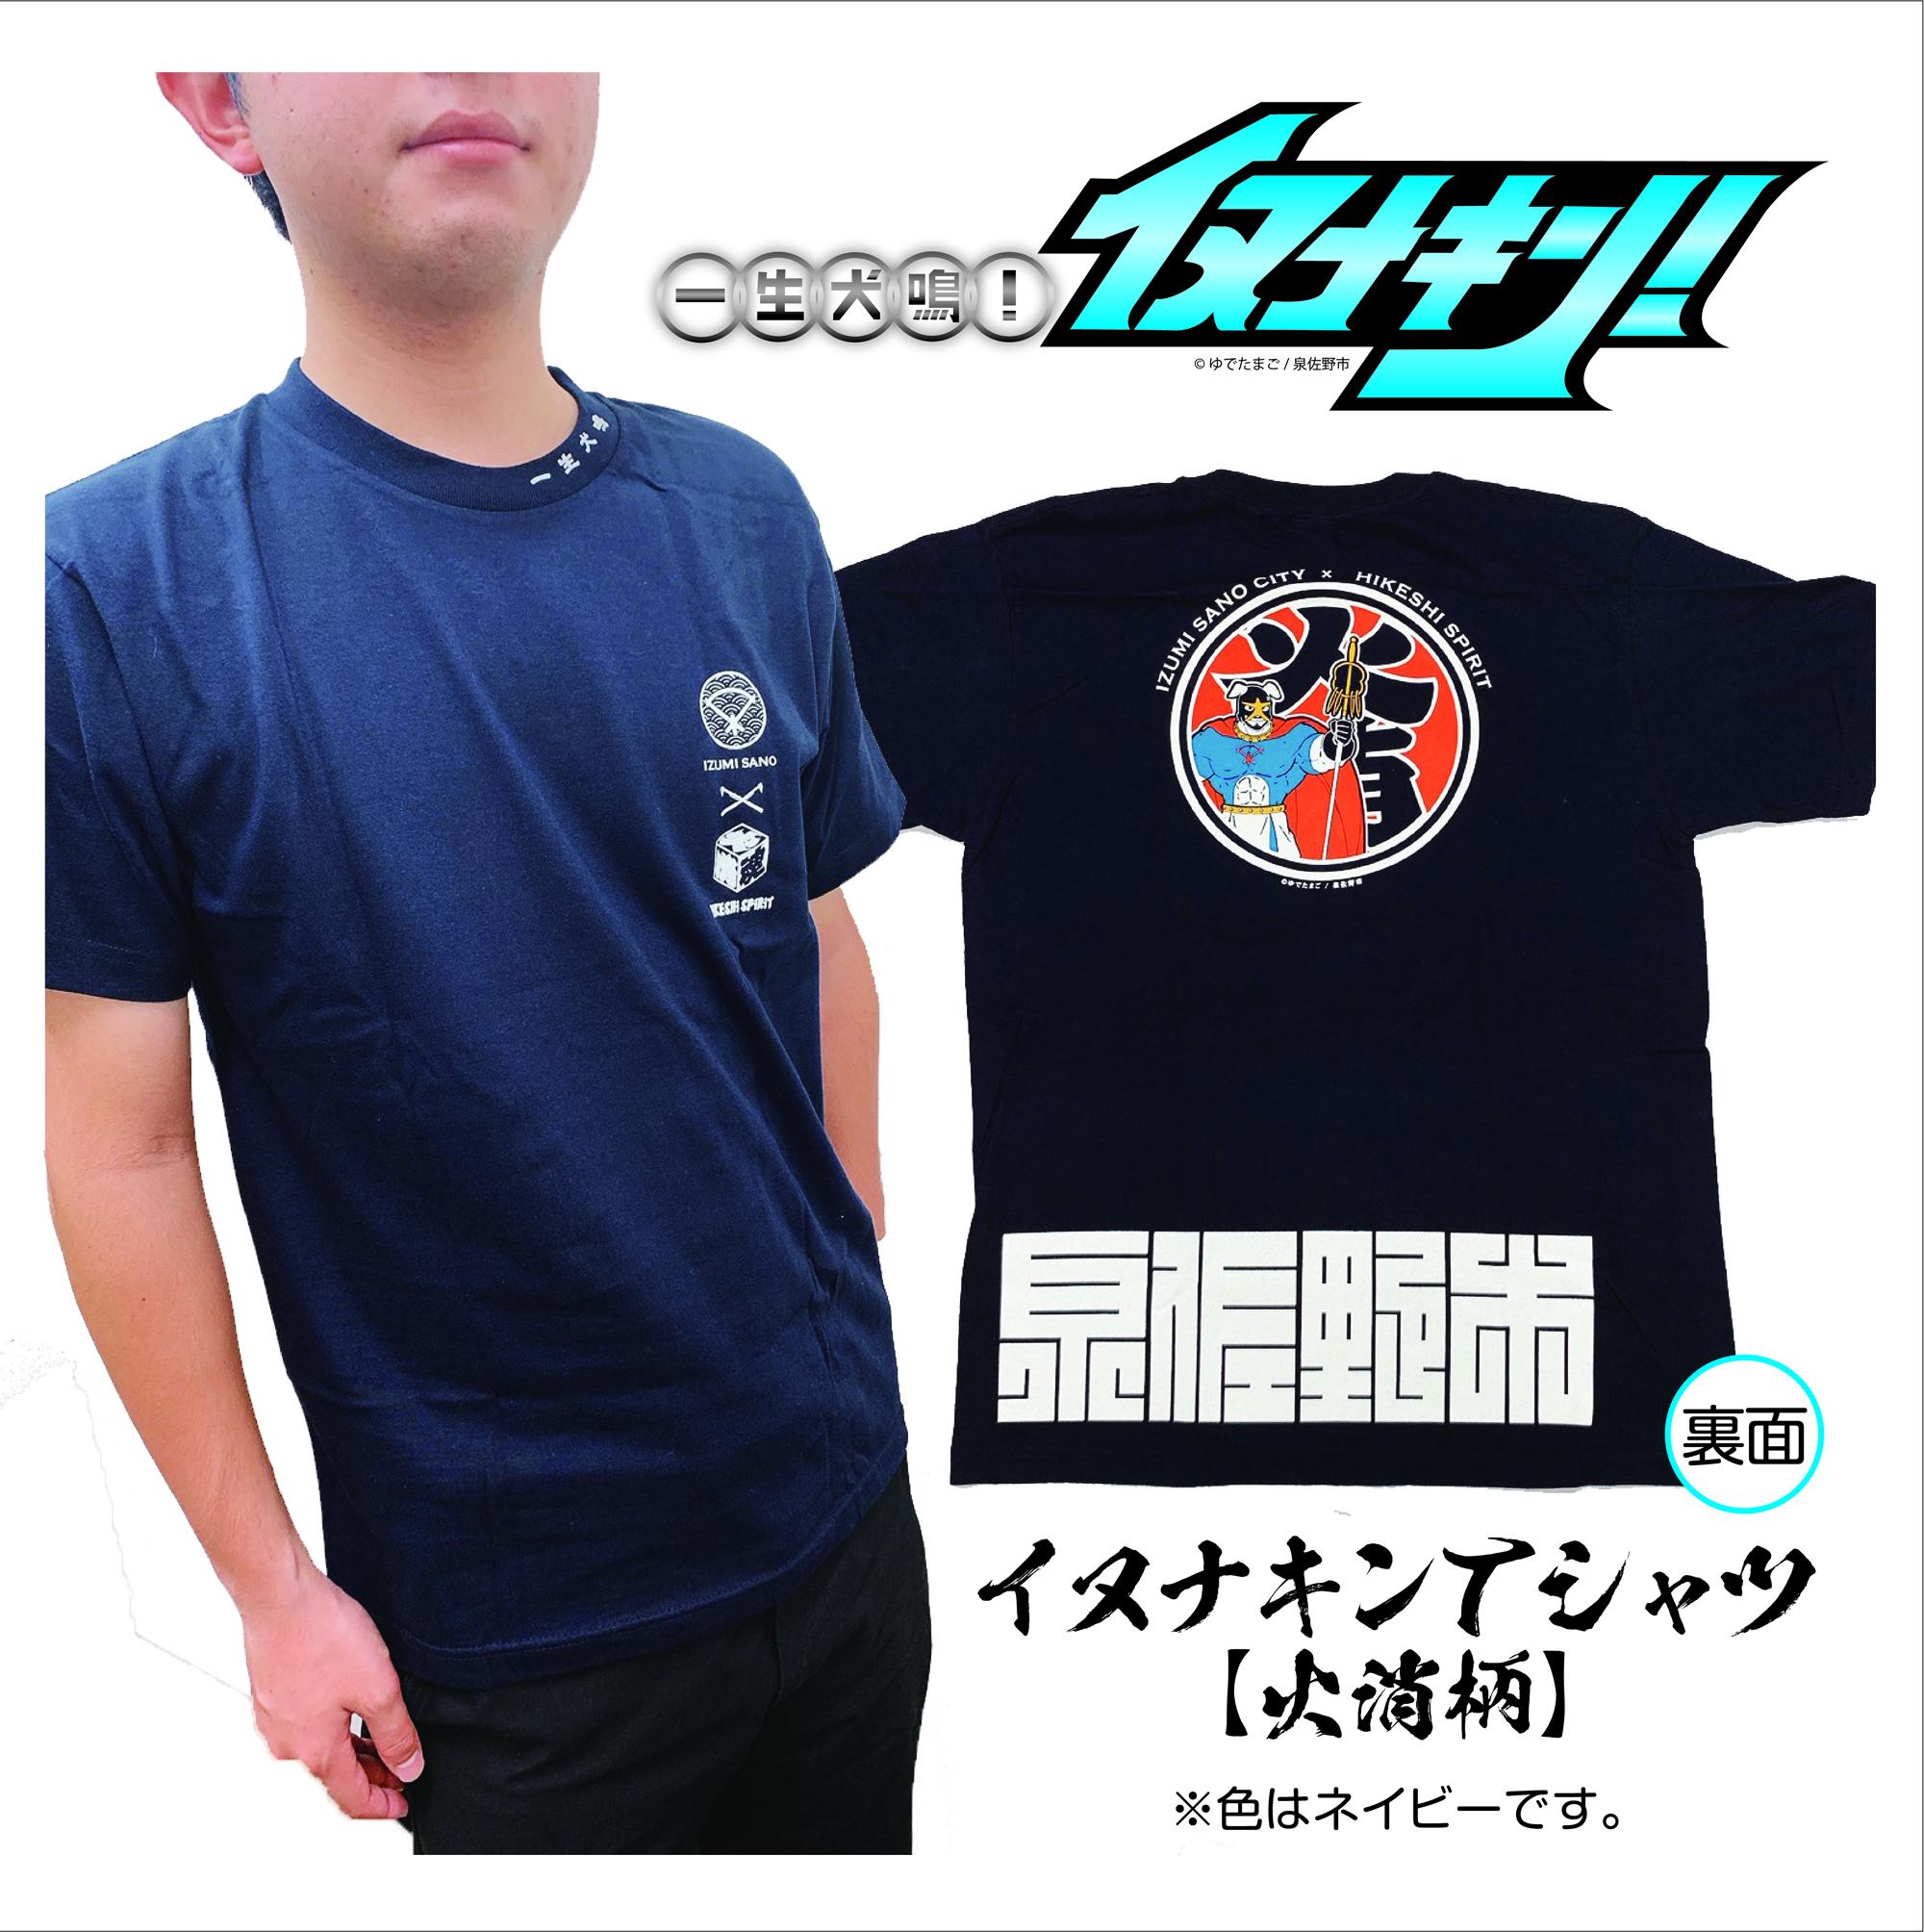 010B175 イヌナキン×火消魂コラボTシャツB サイズXL